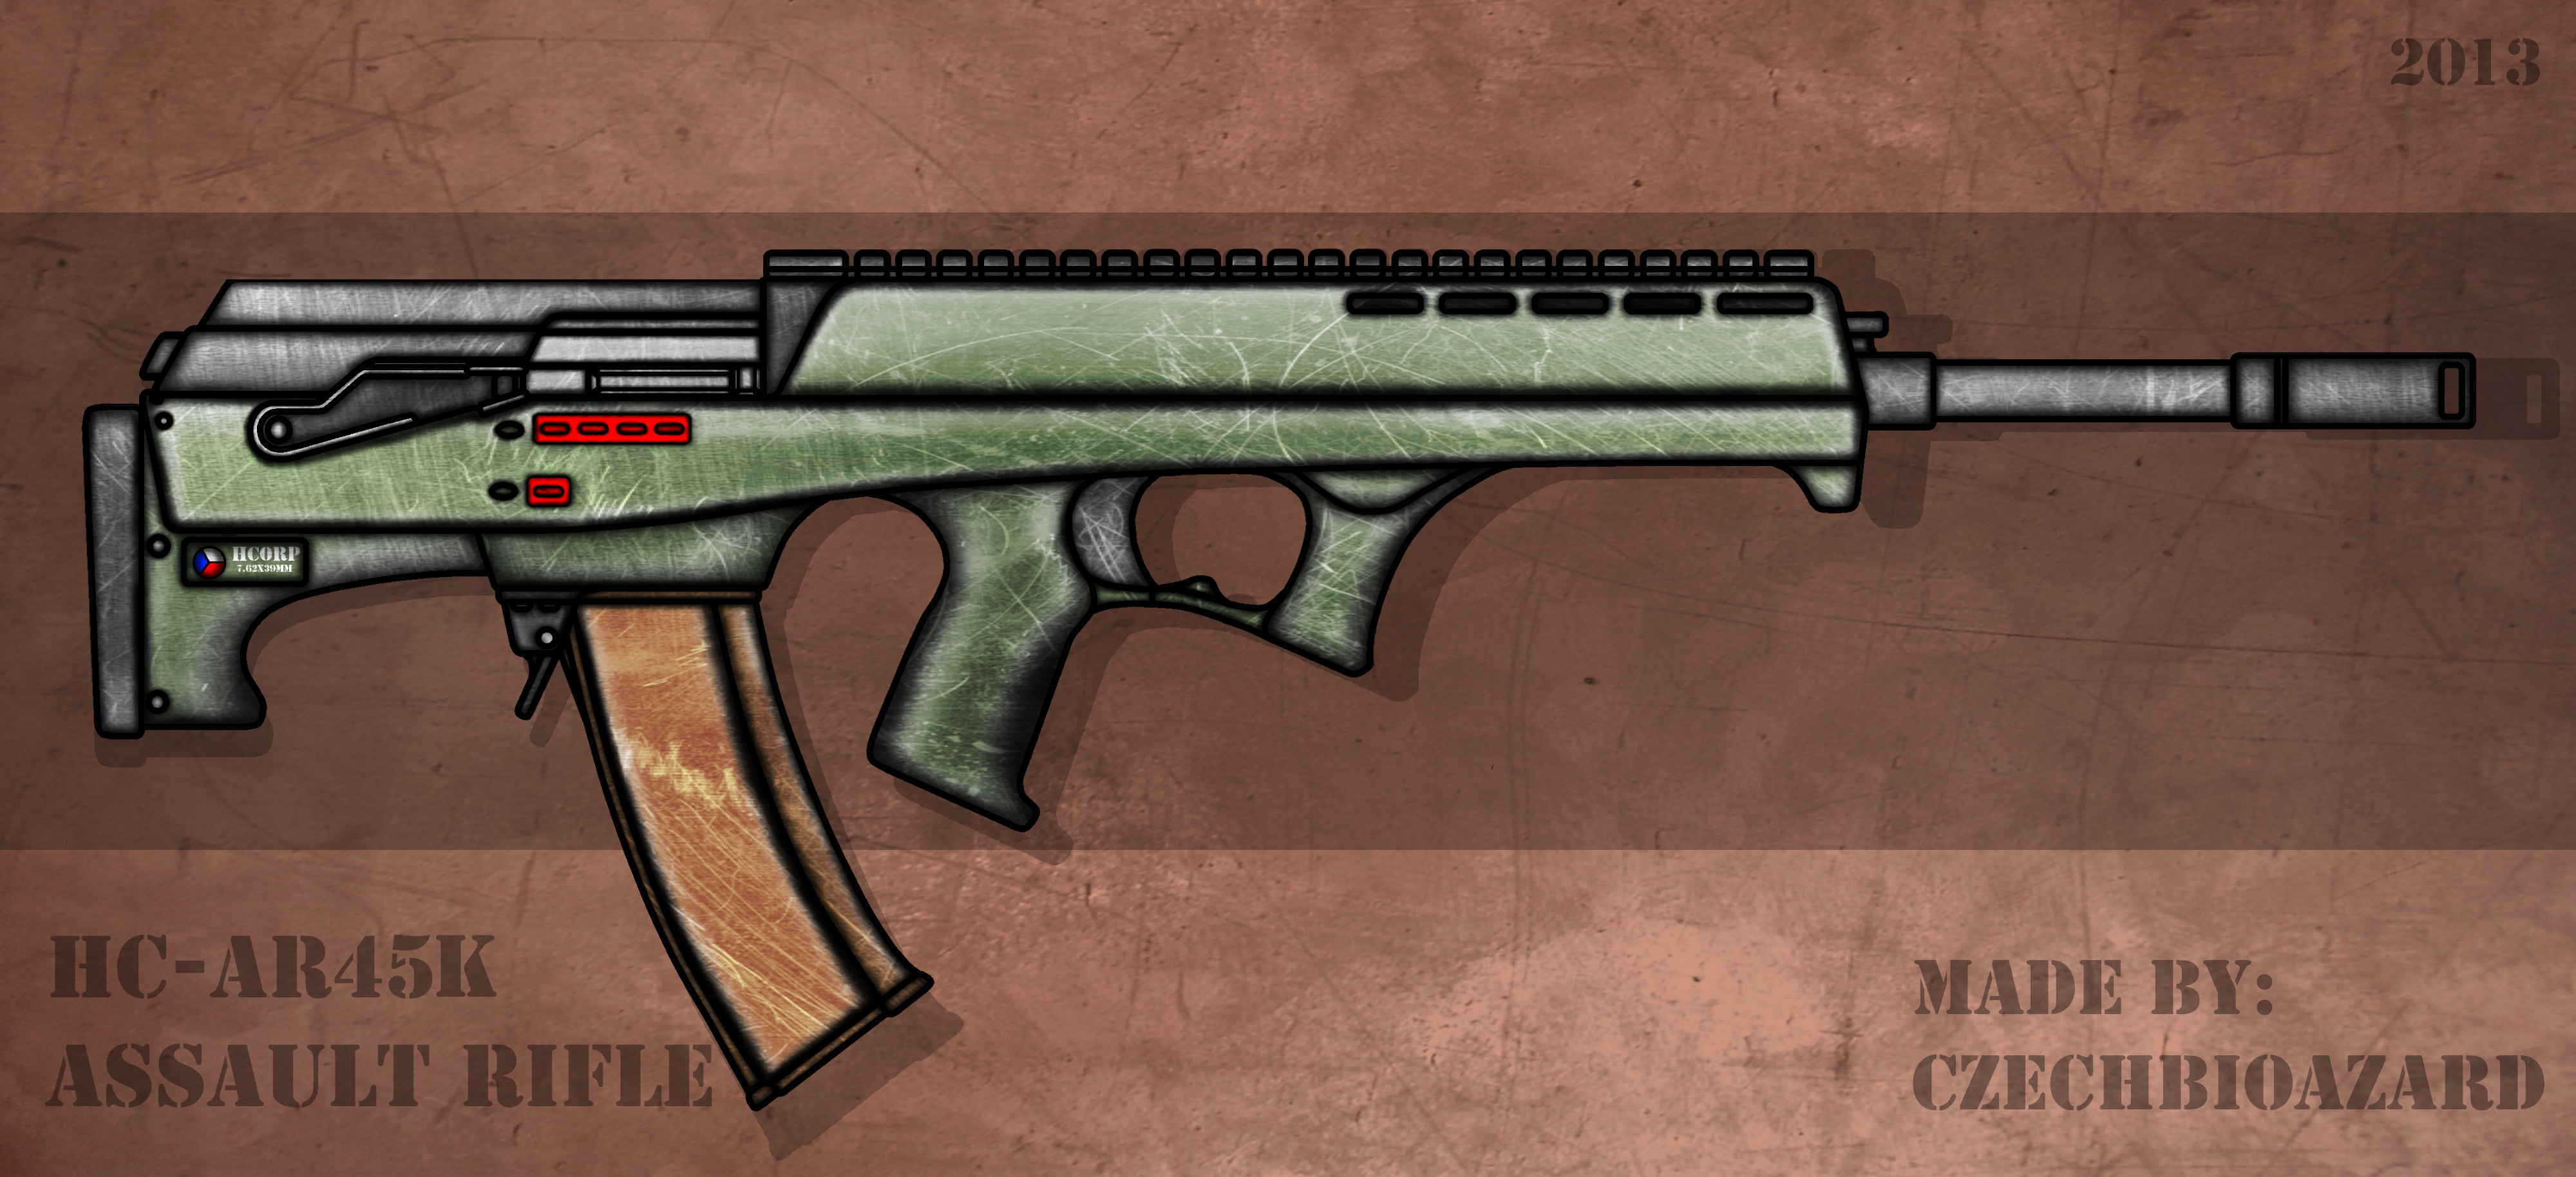 Fictional Firearm: HC-AR45k Assault Rifle by CzechBiohazard